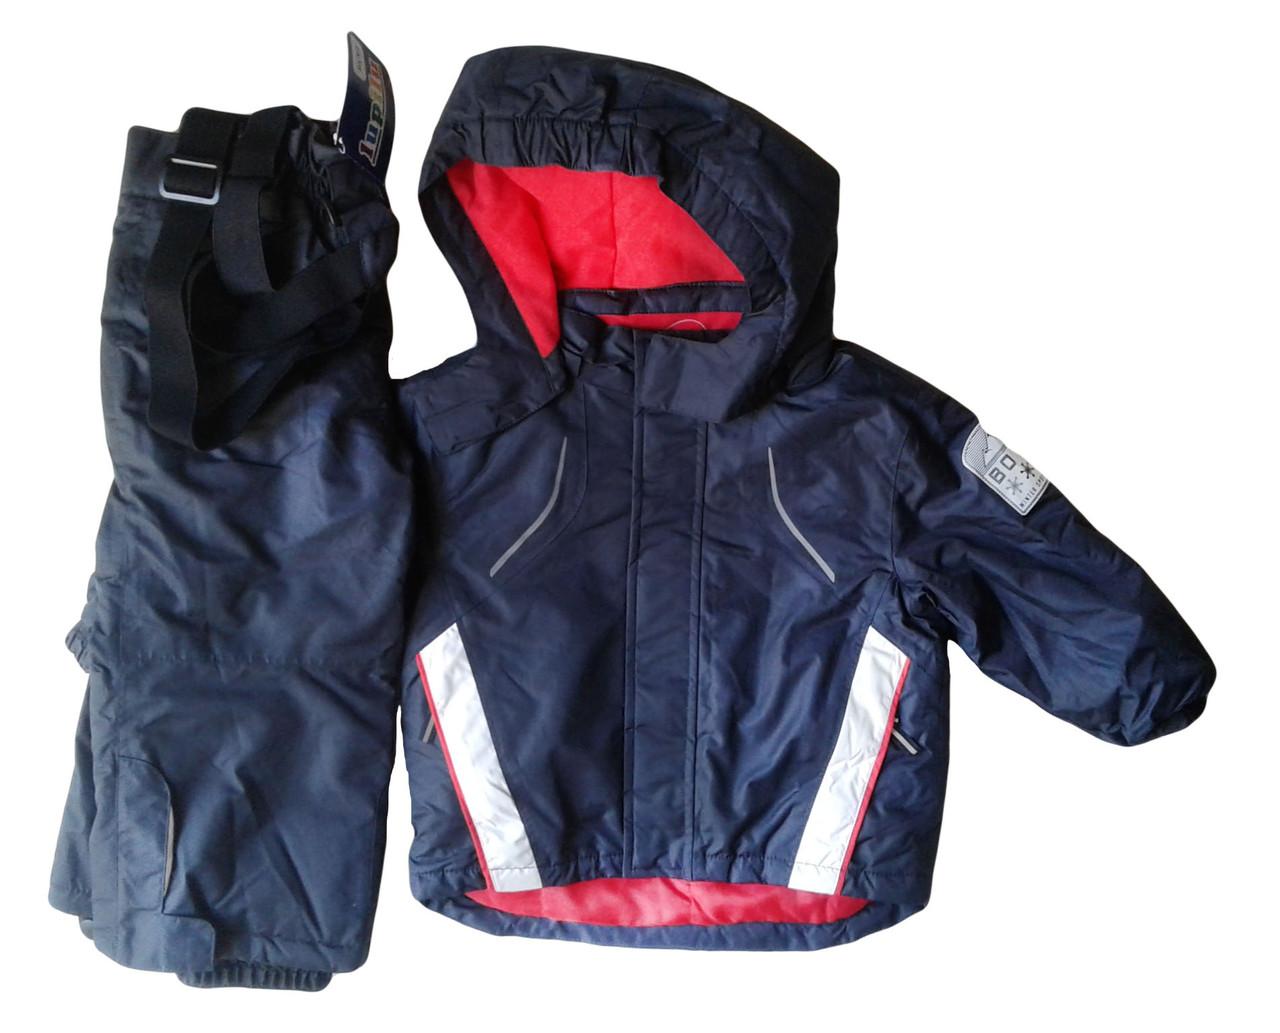 Комбинезон с курткой для мальчика, Lupilu, размер 86/92(3 шт), арт. Л-445, фото 1